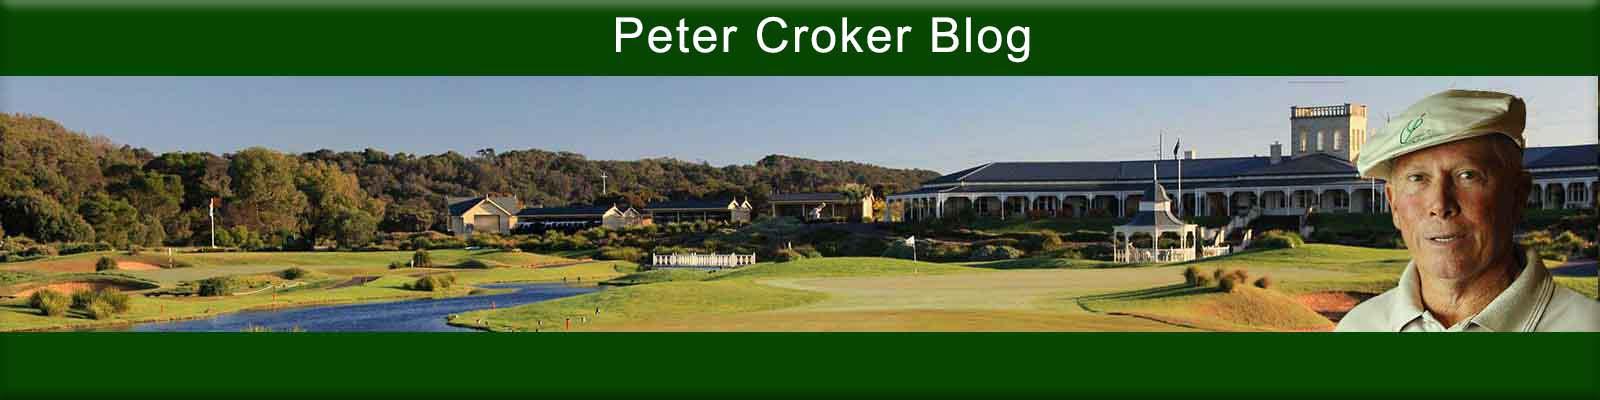 PETER CROKER'S BLOG